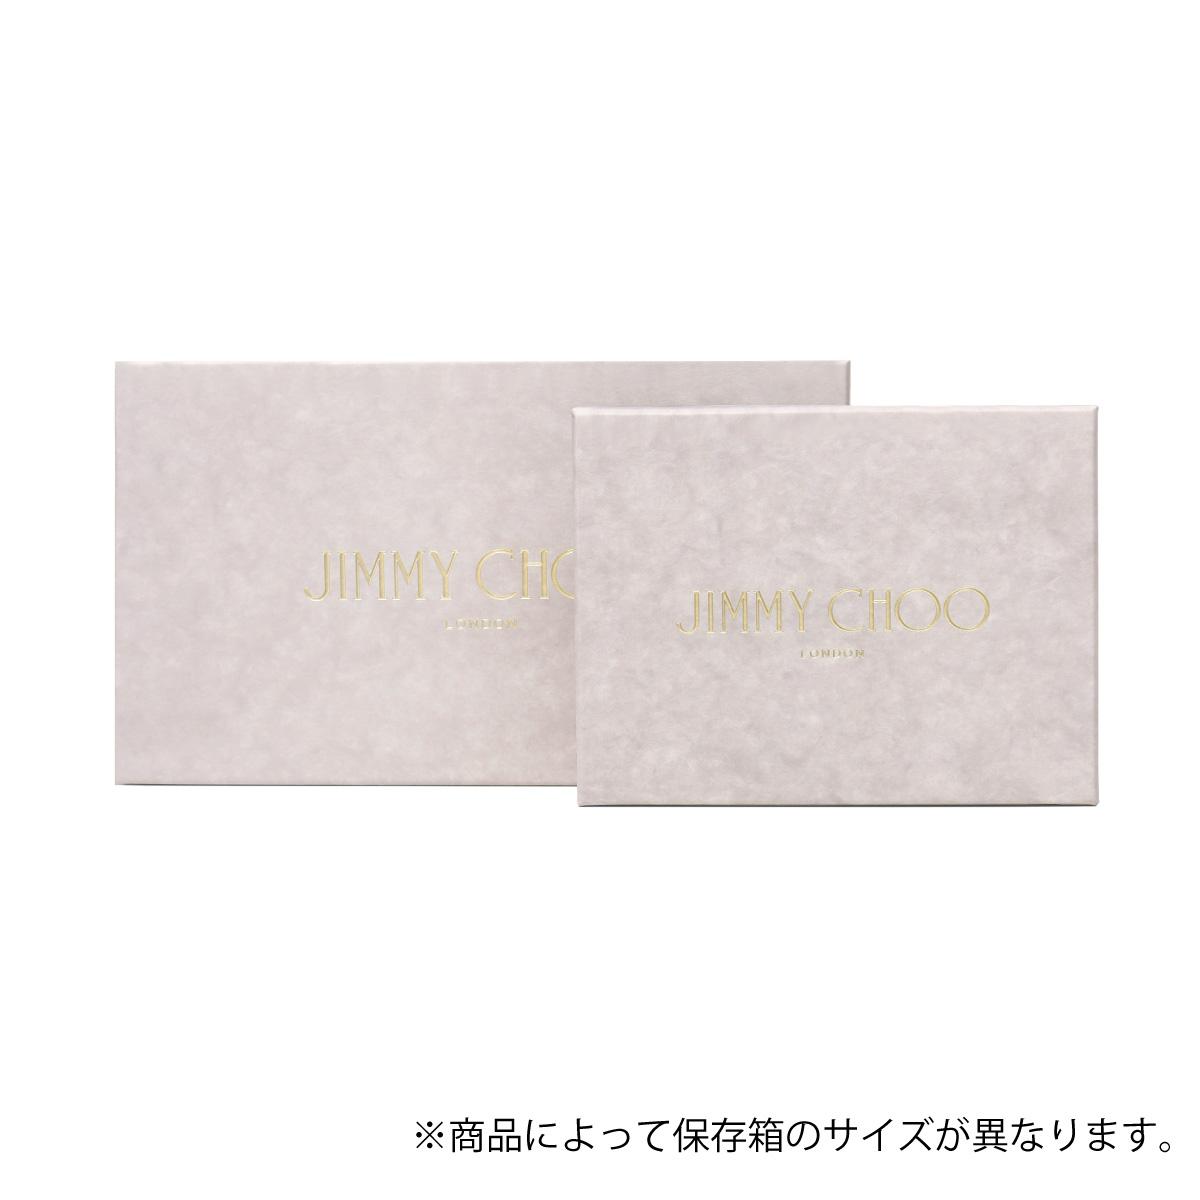 JIMMY CHOO ジミー チュウ   二つ折り財布   ODILE オディール